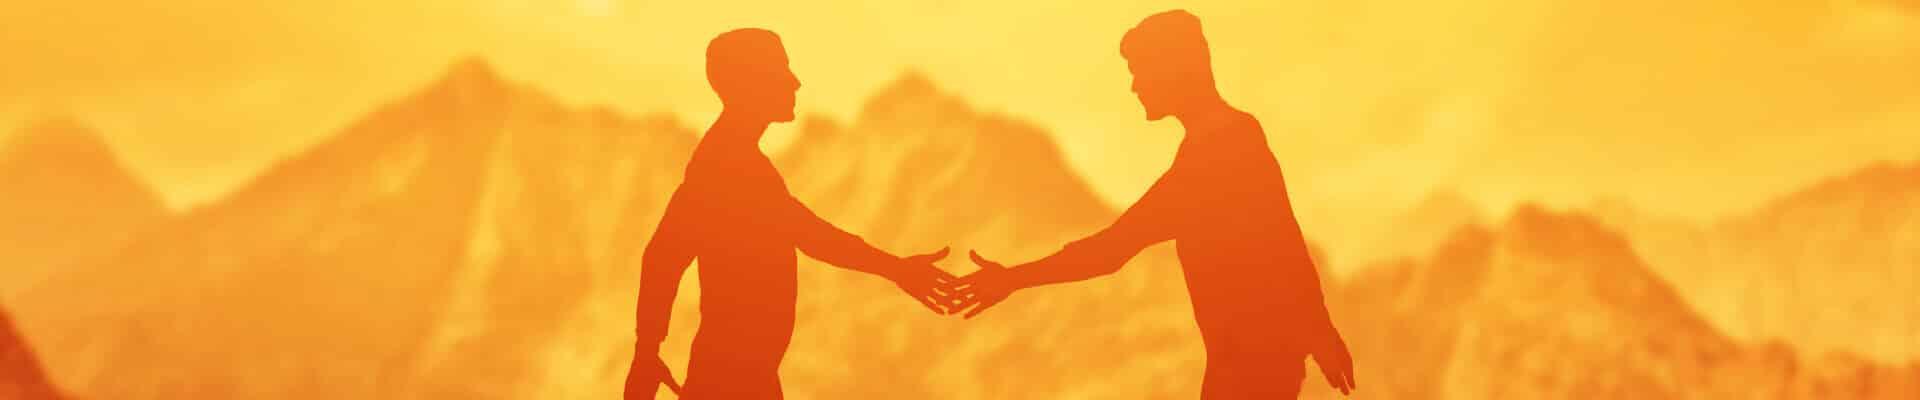 Konflikte außergerichtlich lösen, Gespräche wieder zulassen. Alternatives Konfliktmanagement von RVR Rechtsanwälte.